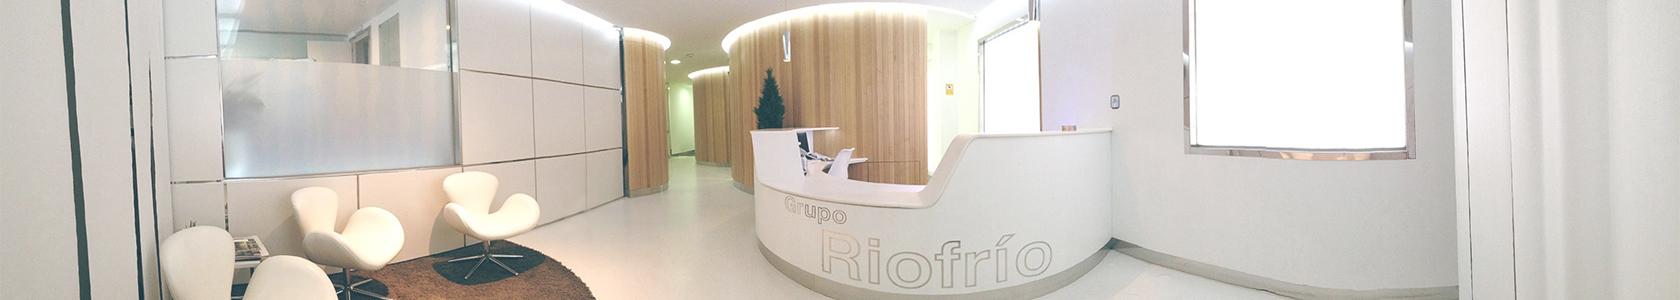 Arquitectos Madrid - Grupo Riofrio